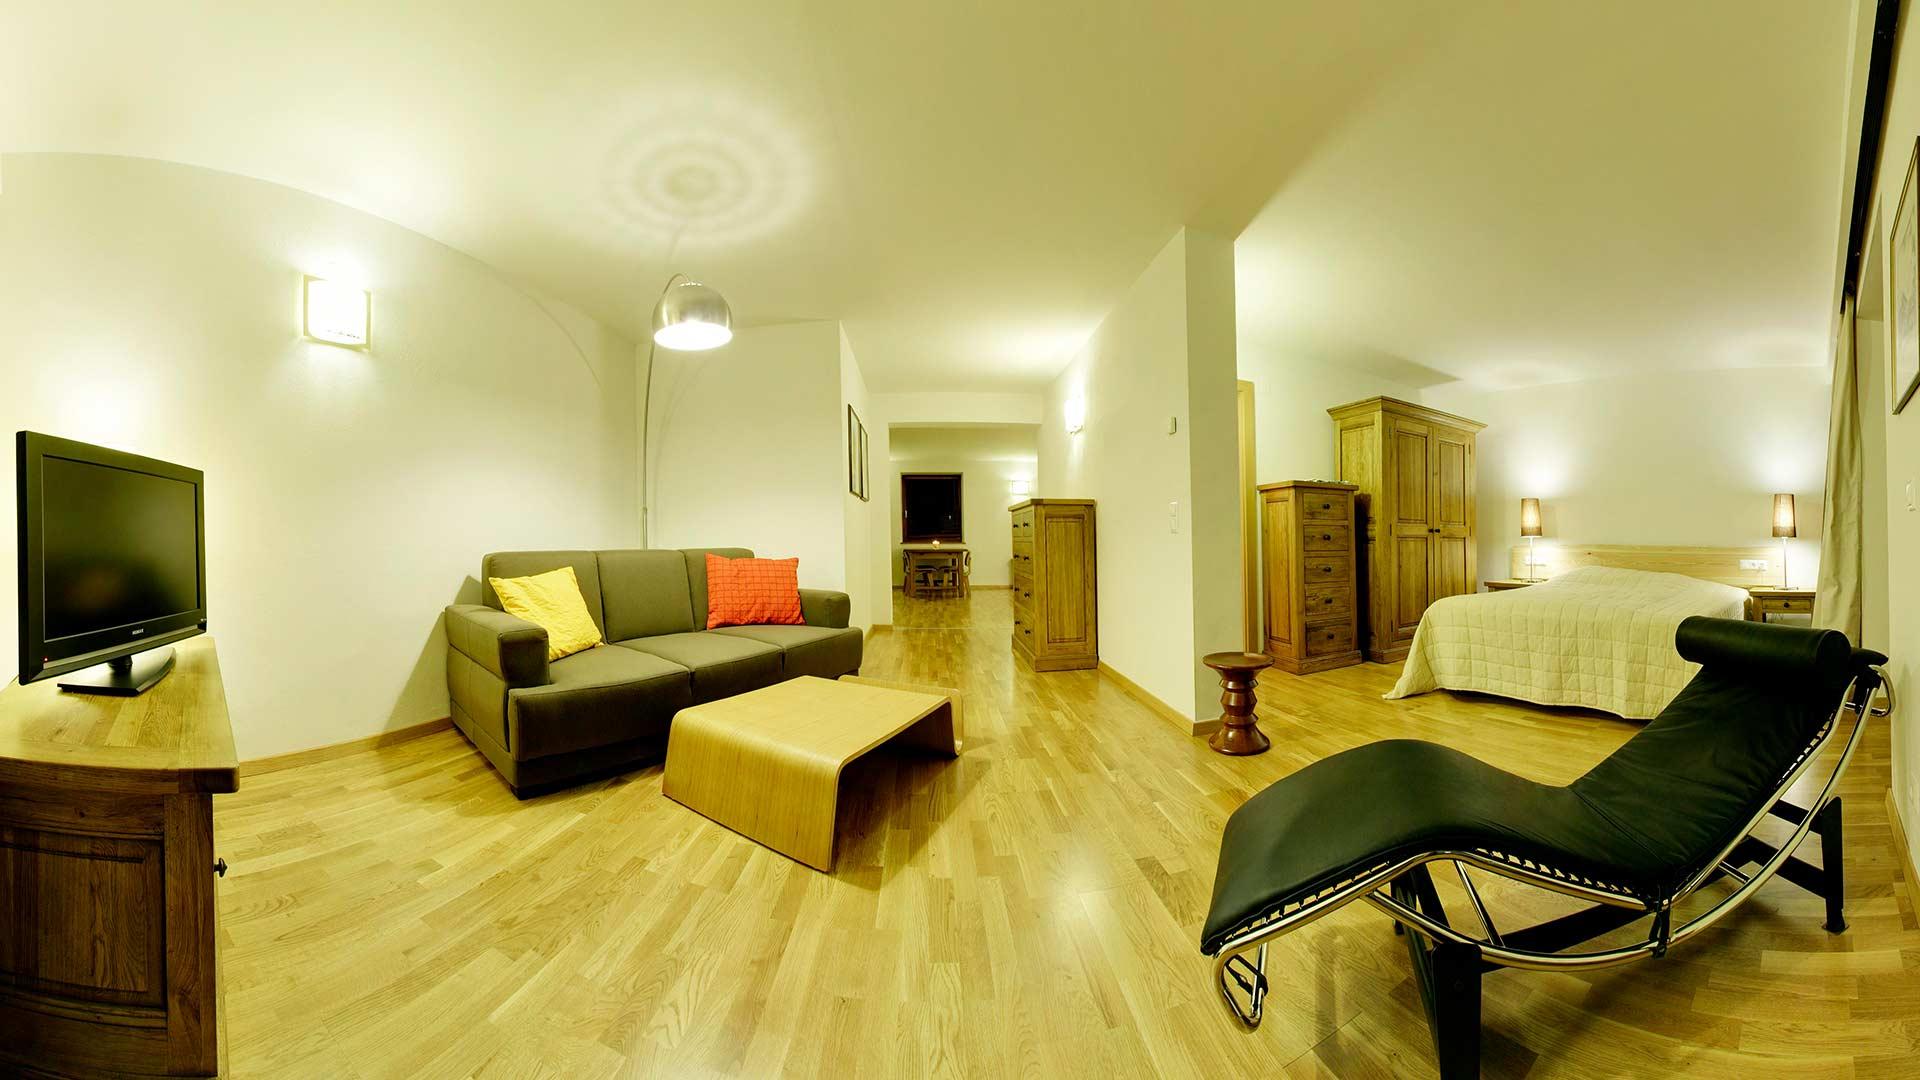 Appartement 7 - Überblick